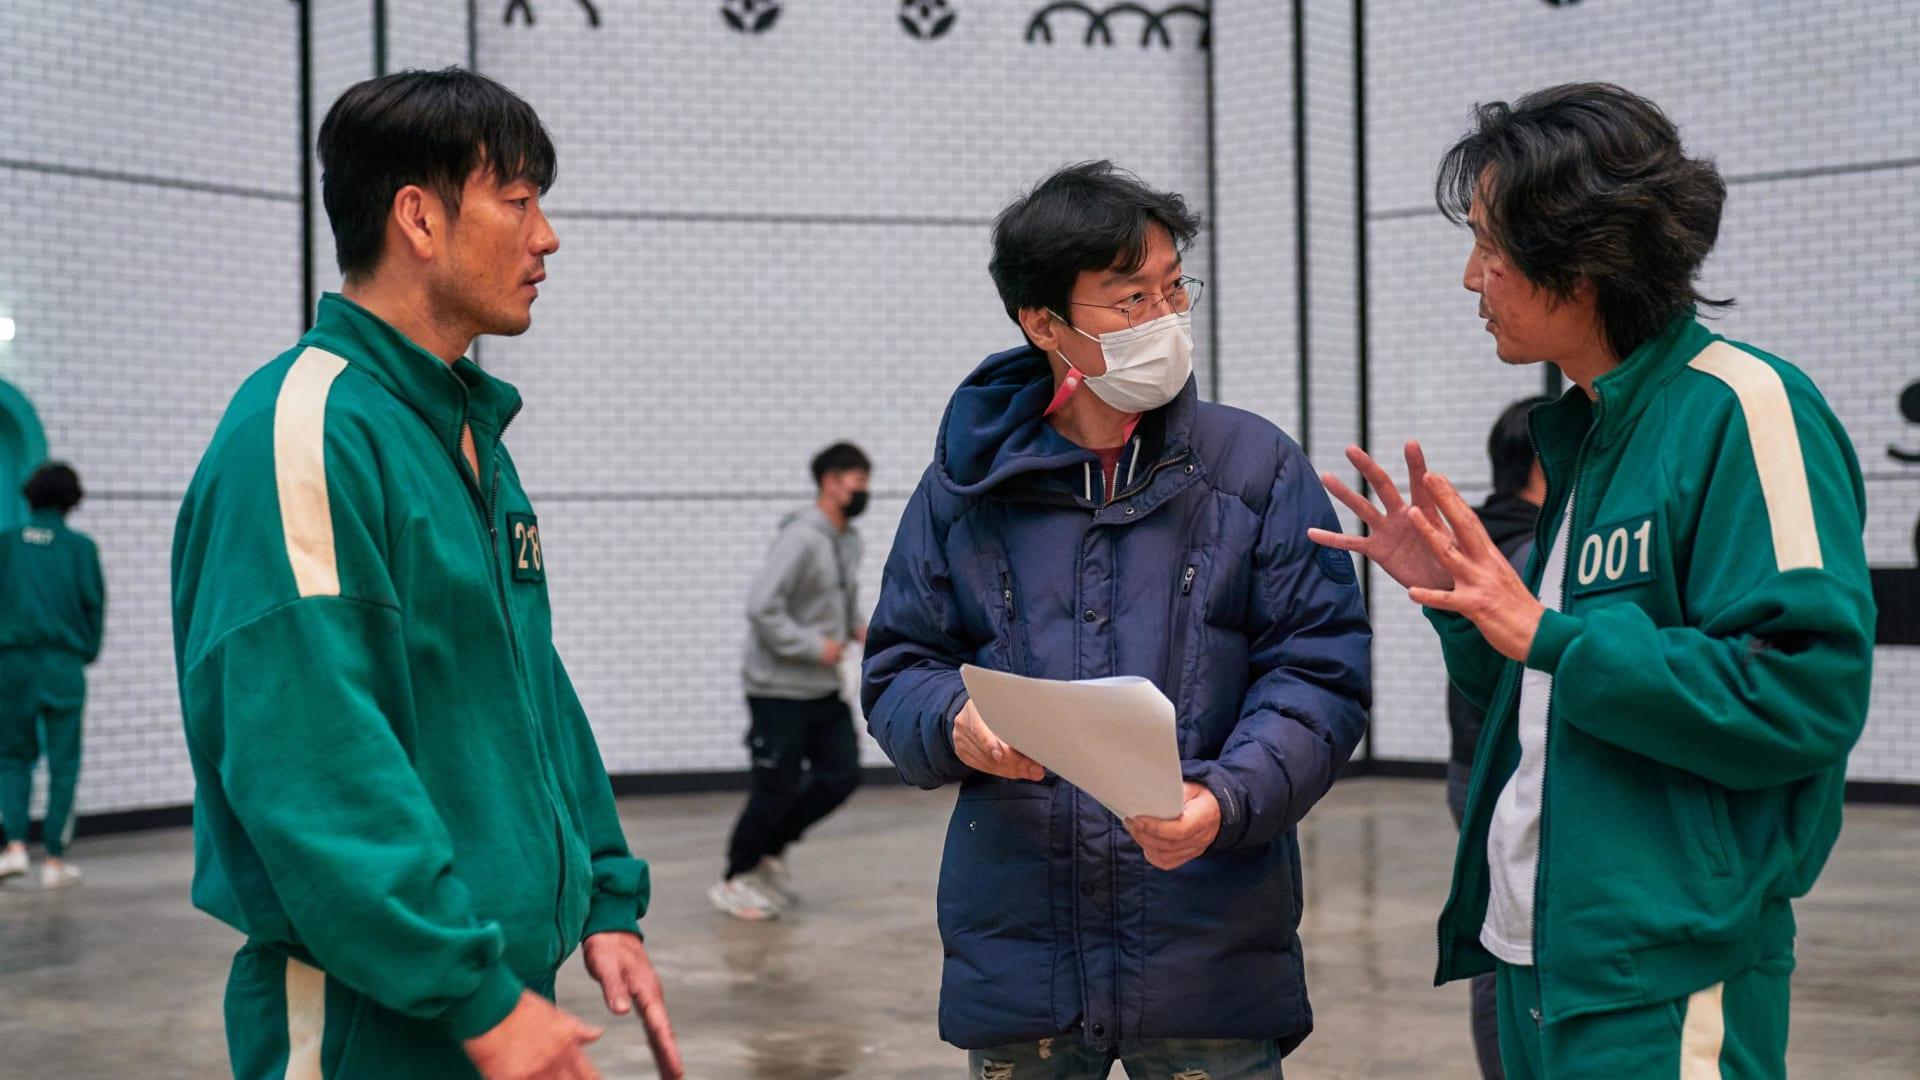 مخرج Squid Game يكشف 6 حقائق قد لا تعرفها عن المسلسل الكوري الشهير